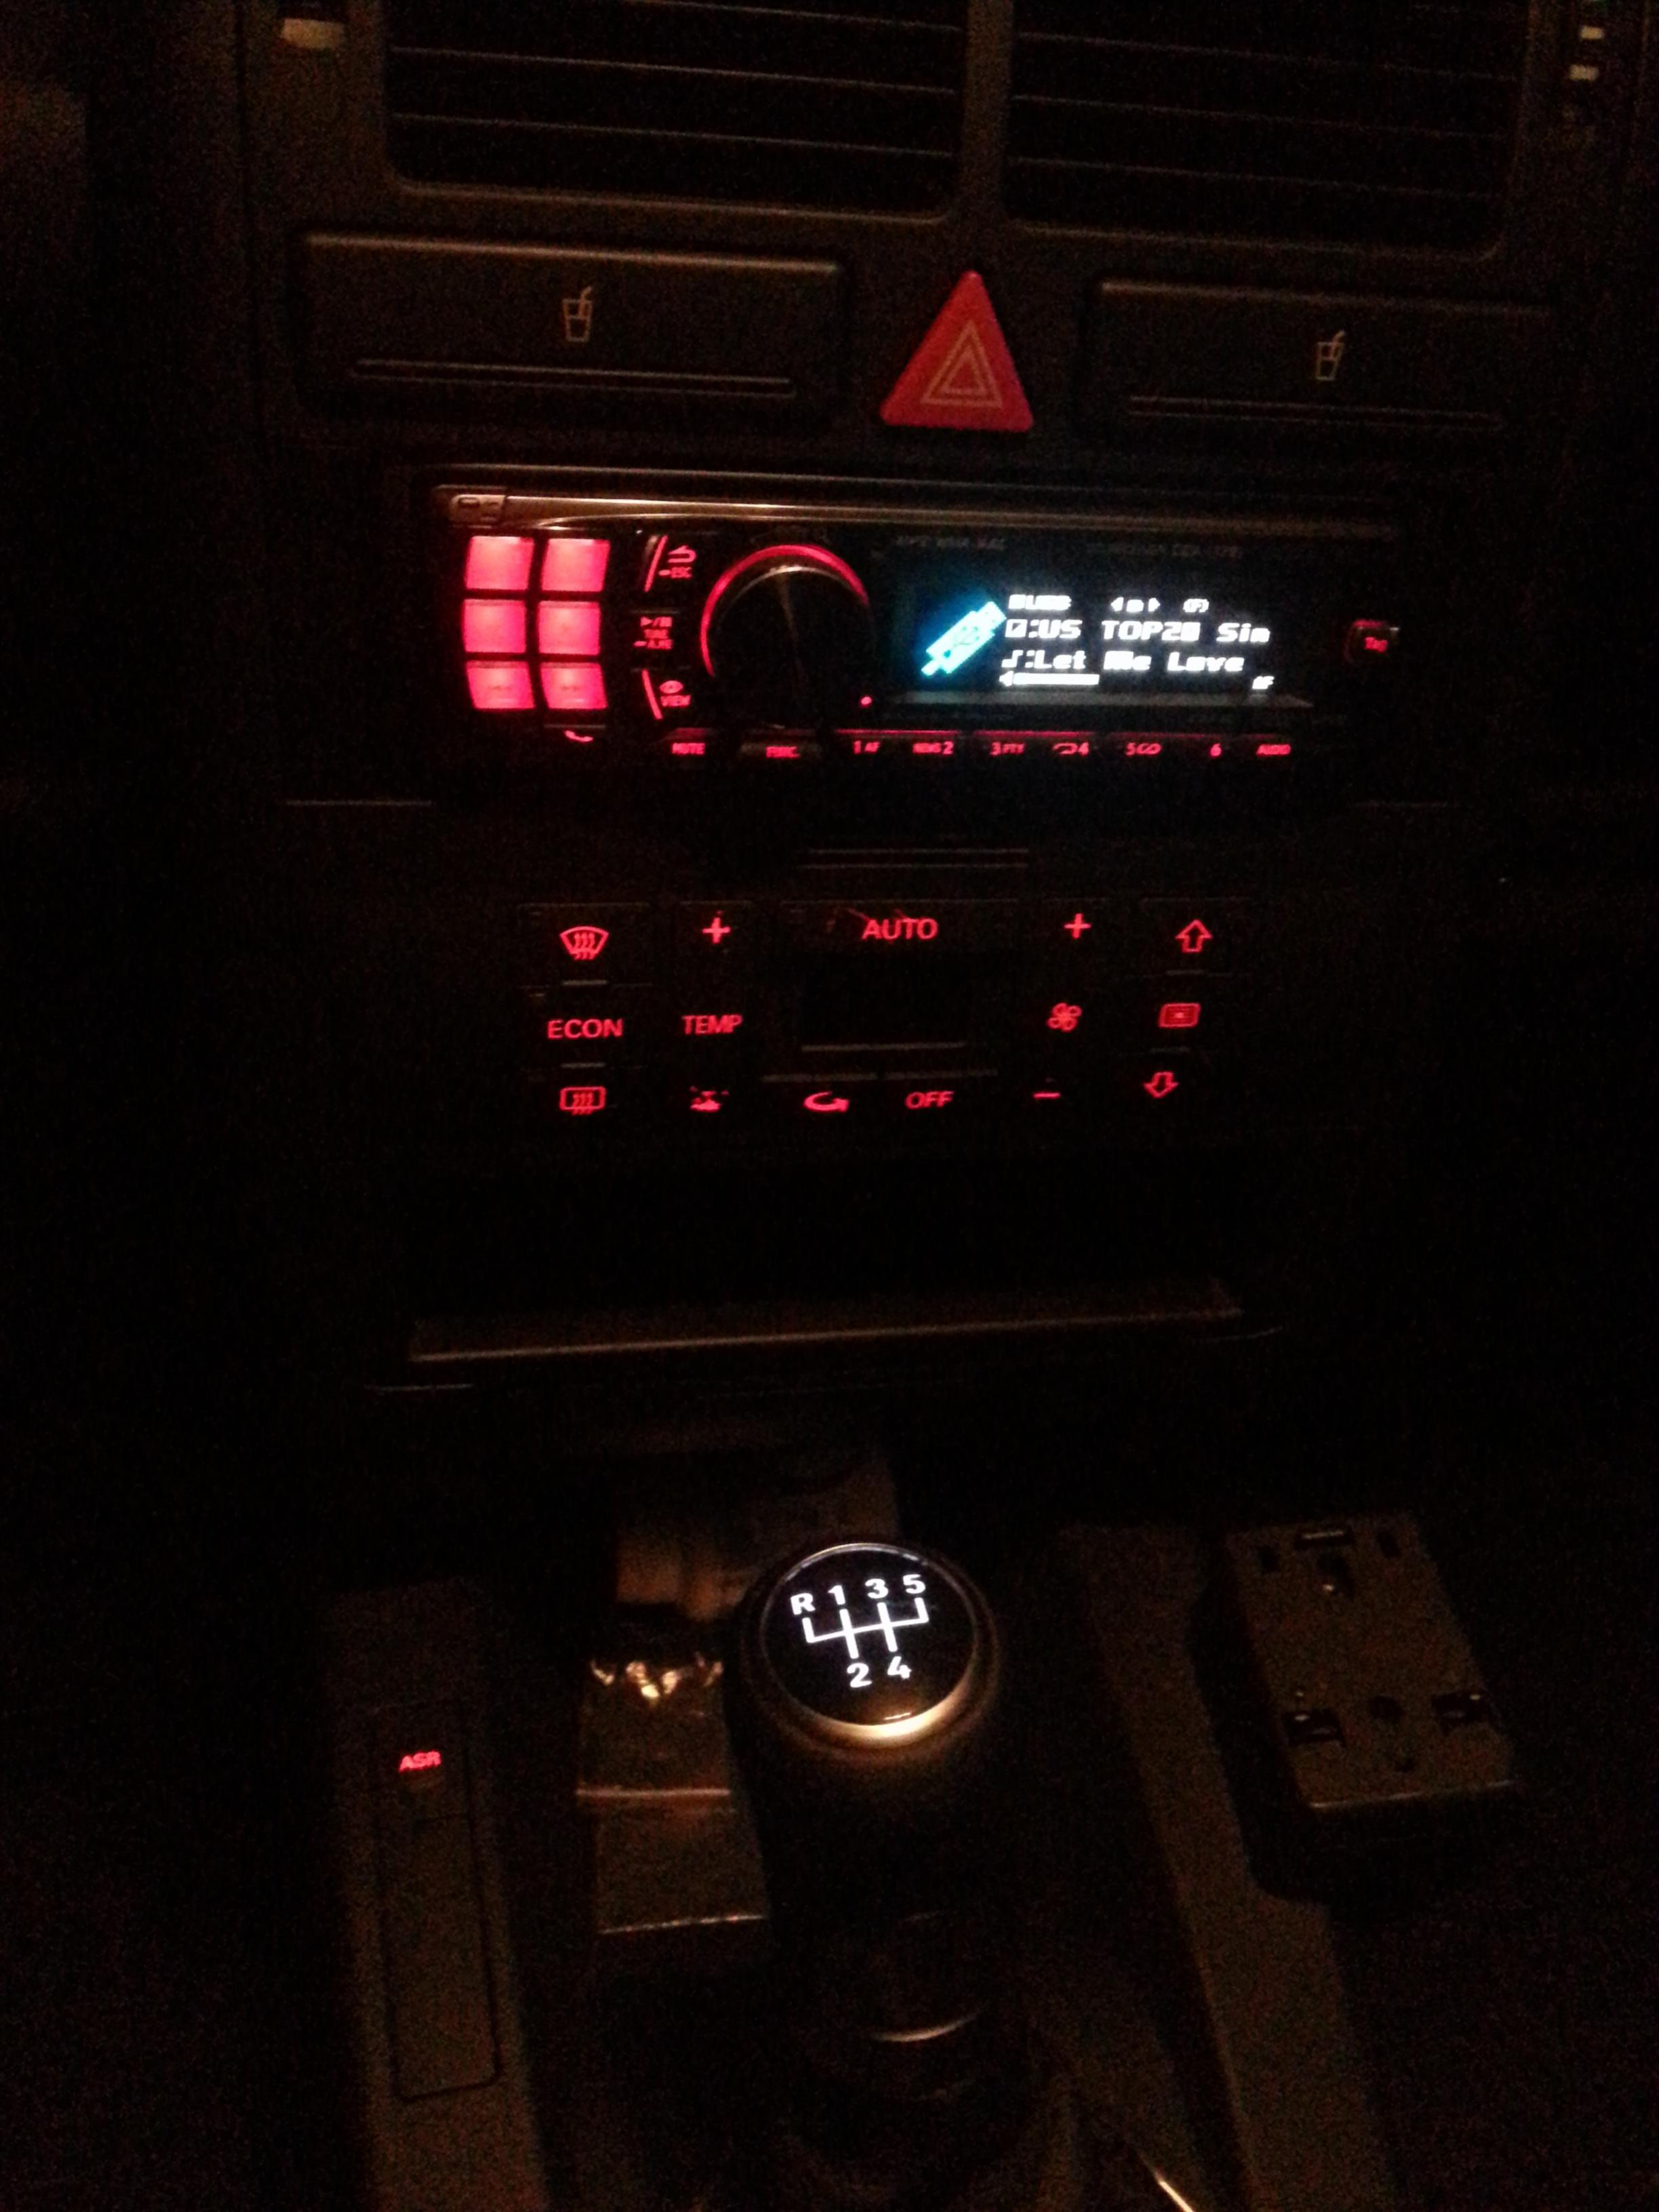 LED-Schaltknauf.jpg.2a9724508b44041047cc06b9e71da433.jpg